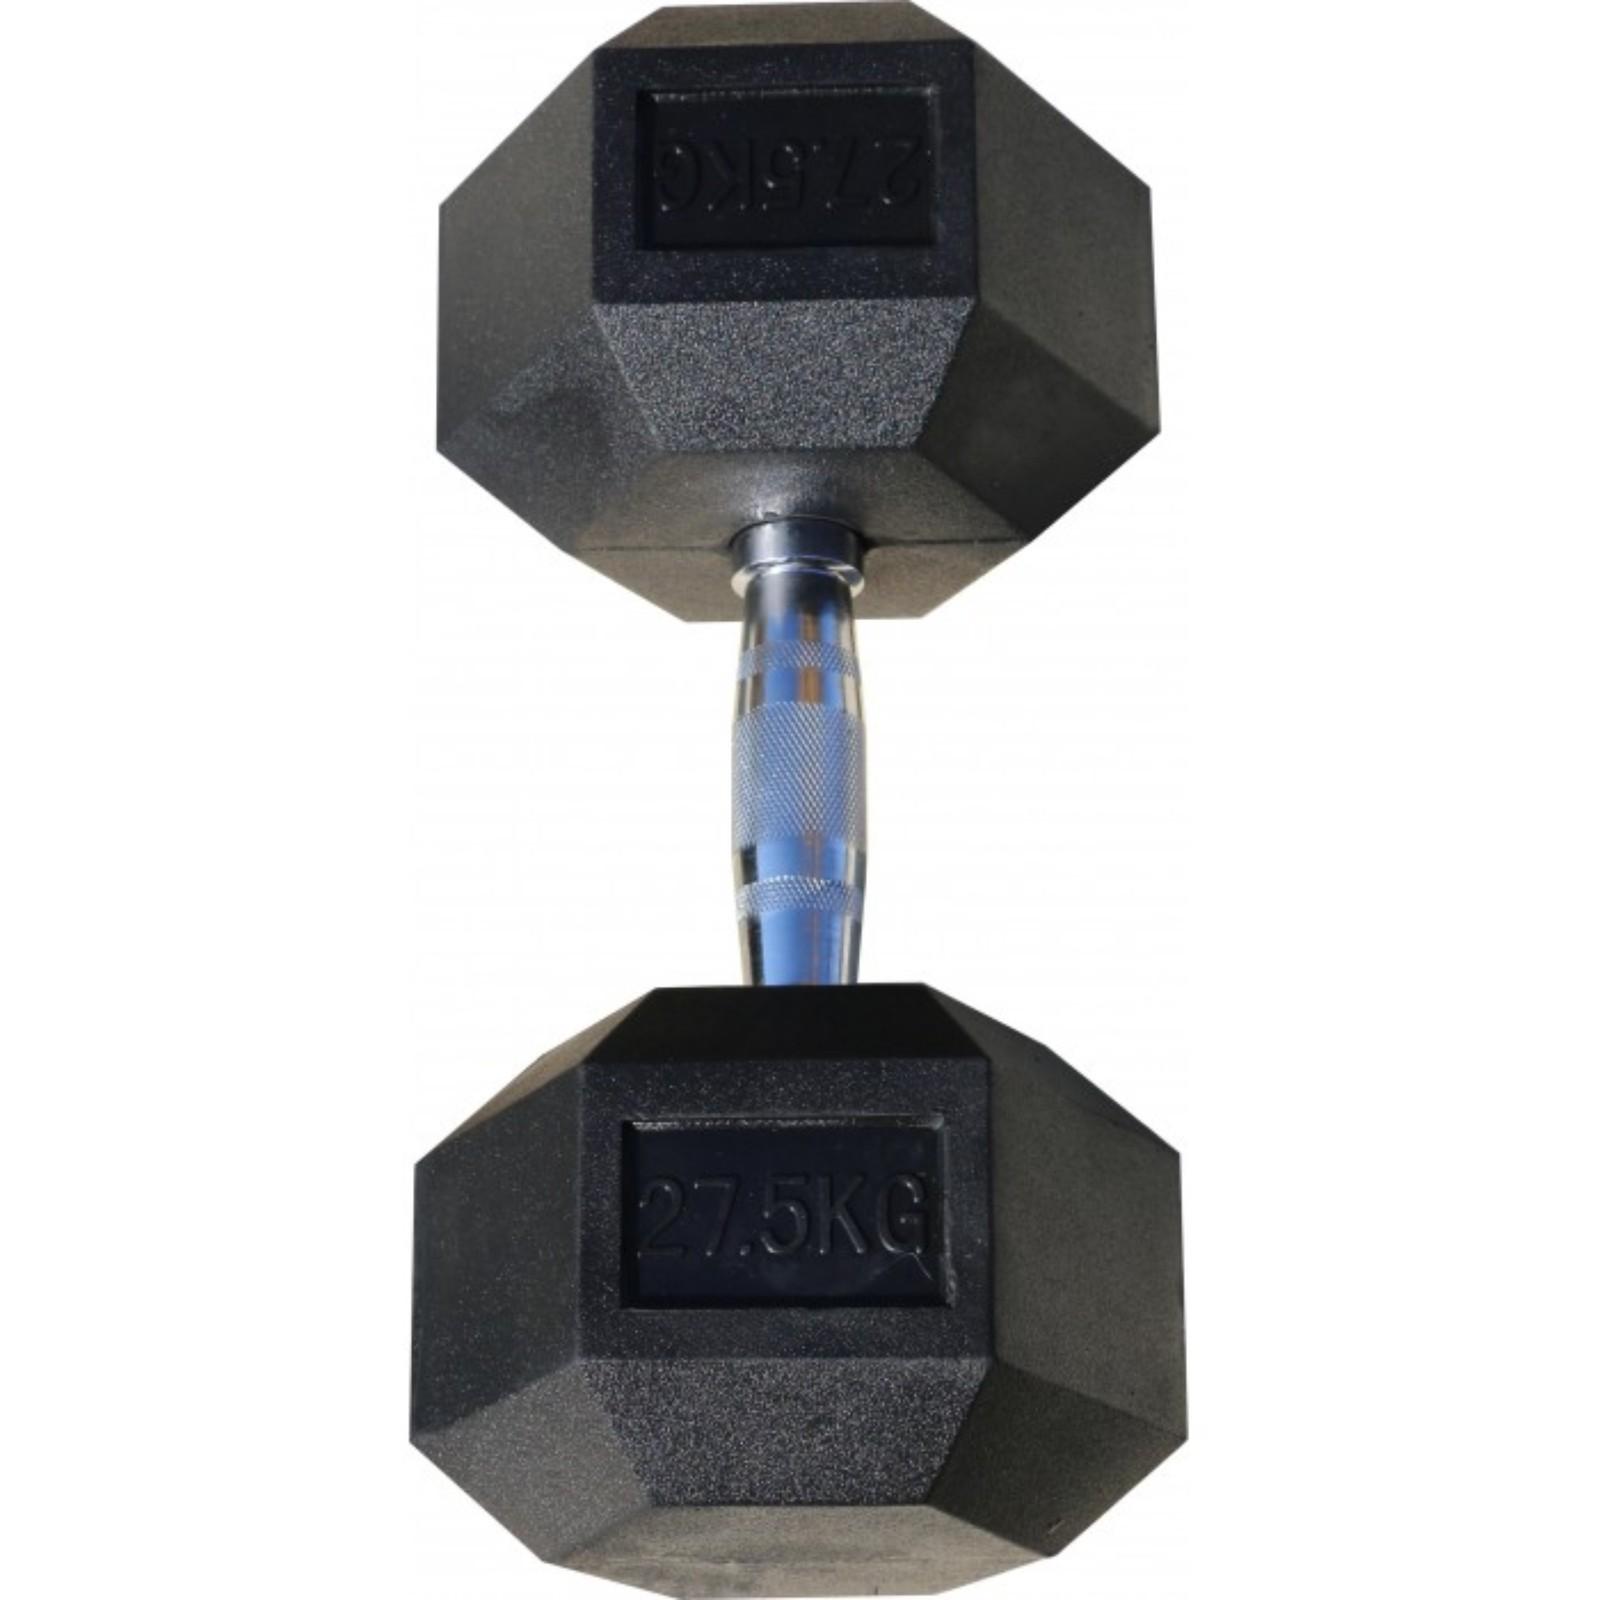 Гантель Body Solid гексагональная 27.5 кг